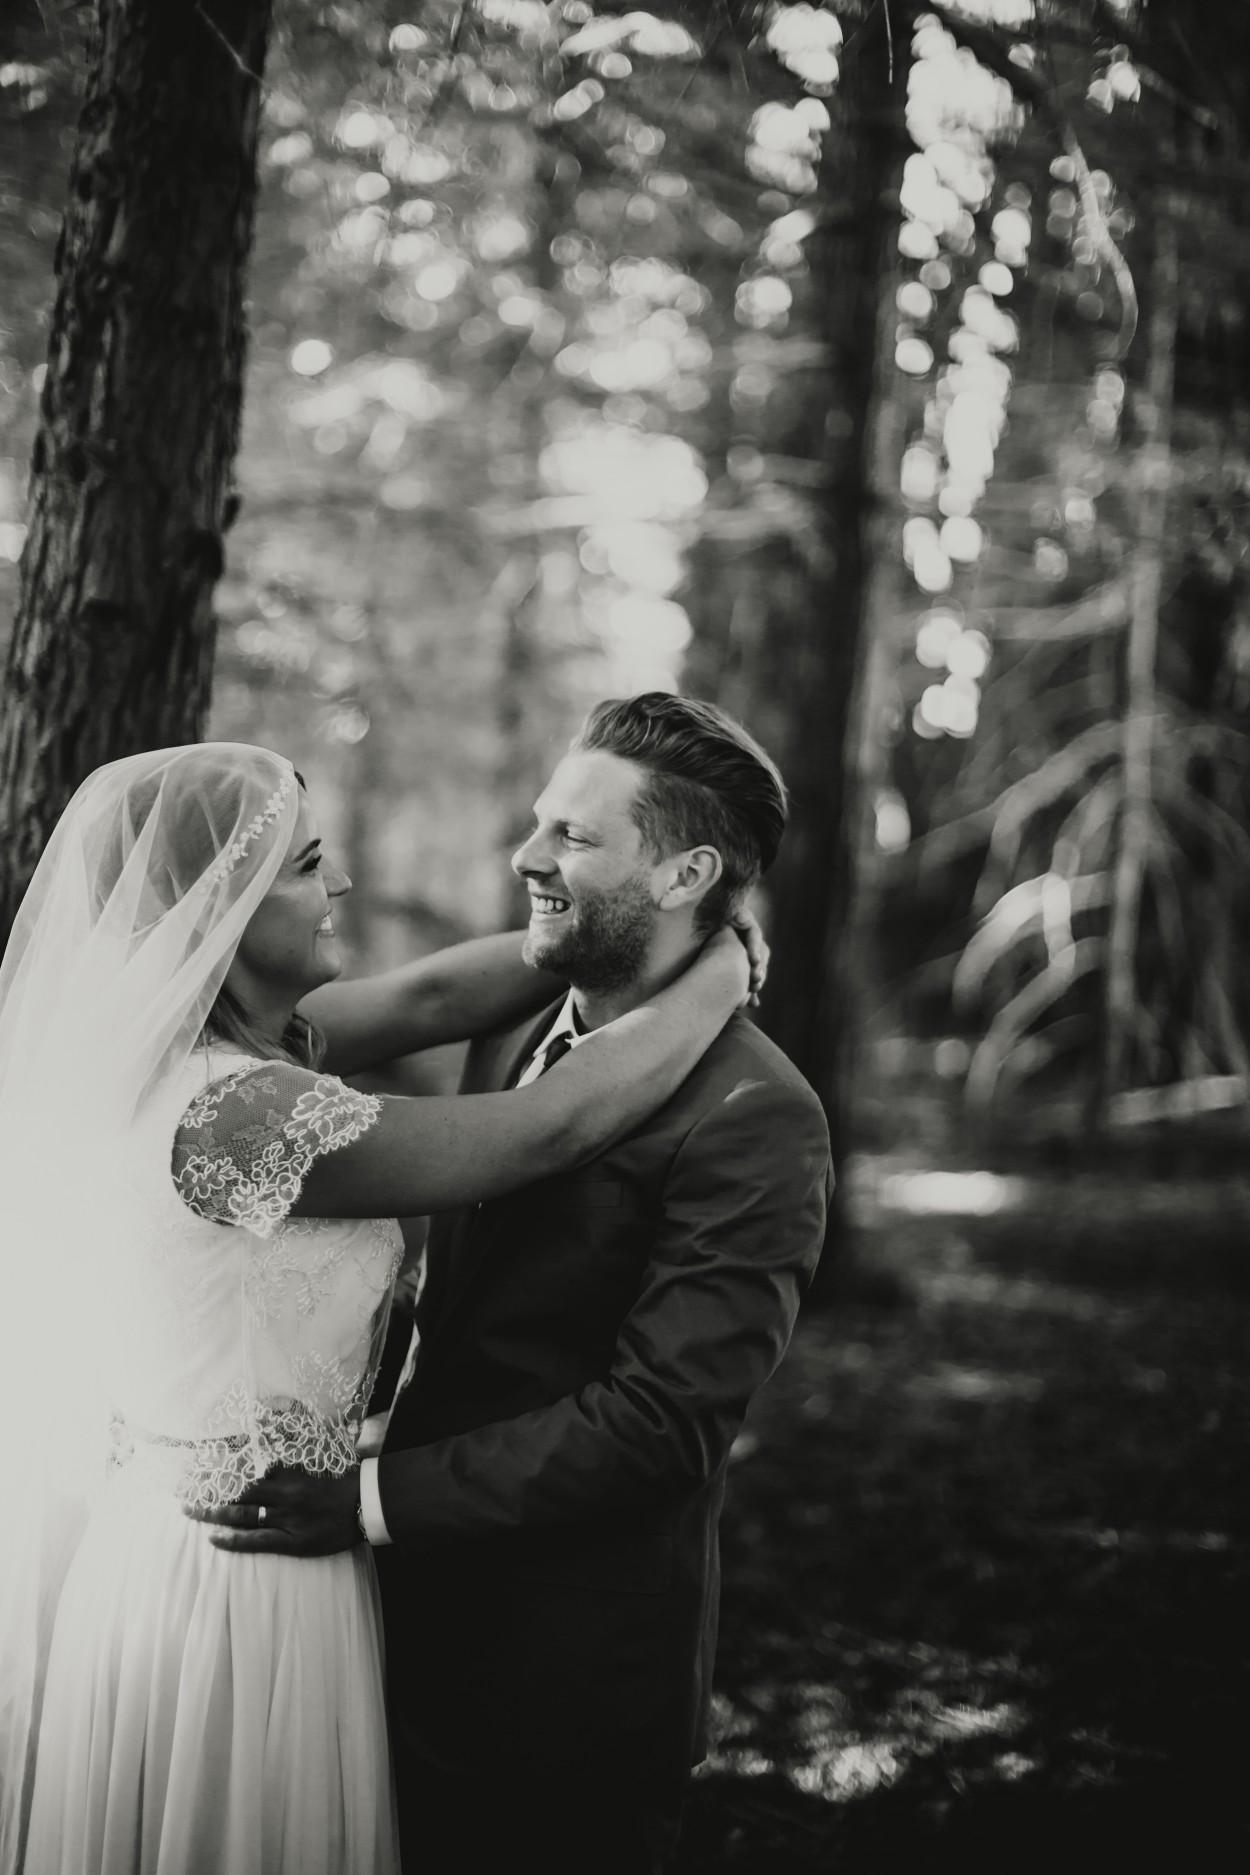 I-Got-You-Babe-Weddings-Hawkes-Bay-NZ-Wedding-Aleisha-Rolly103.jpg